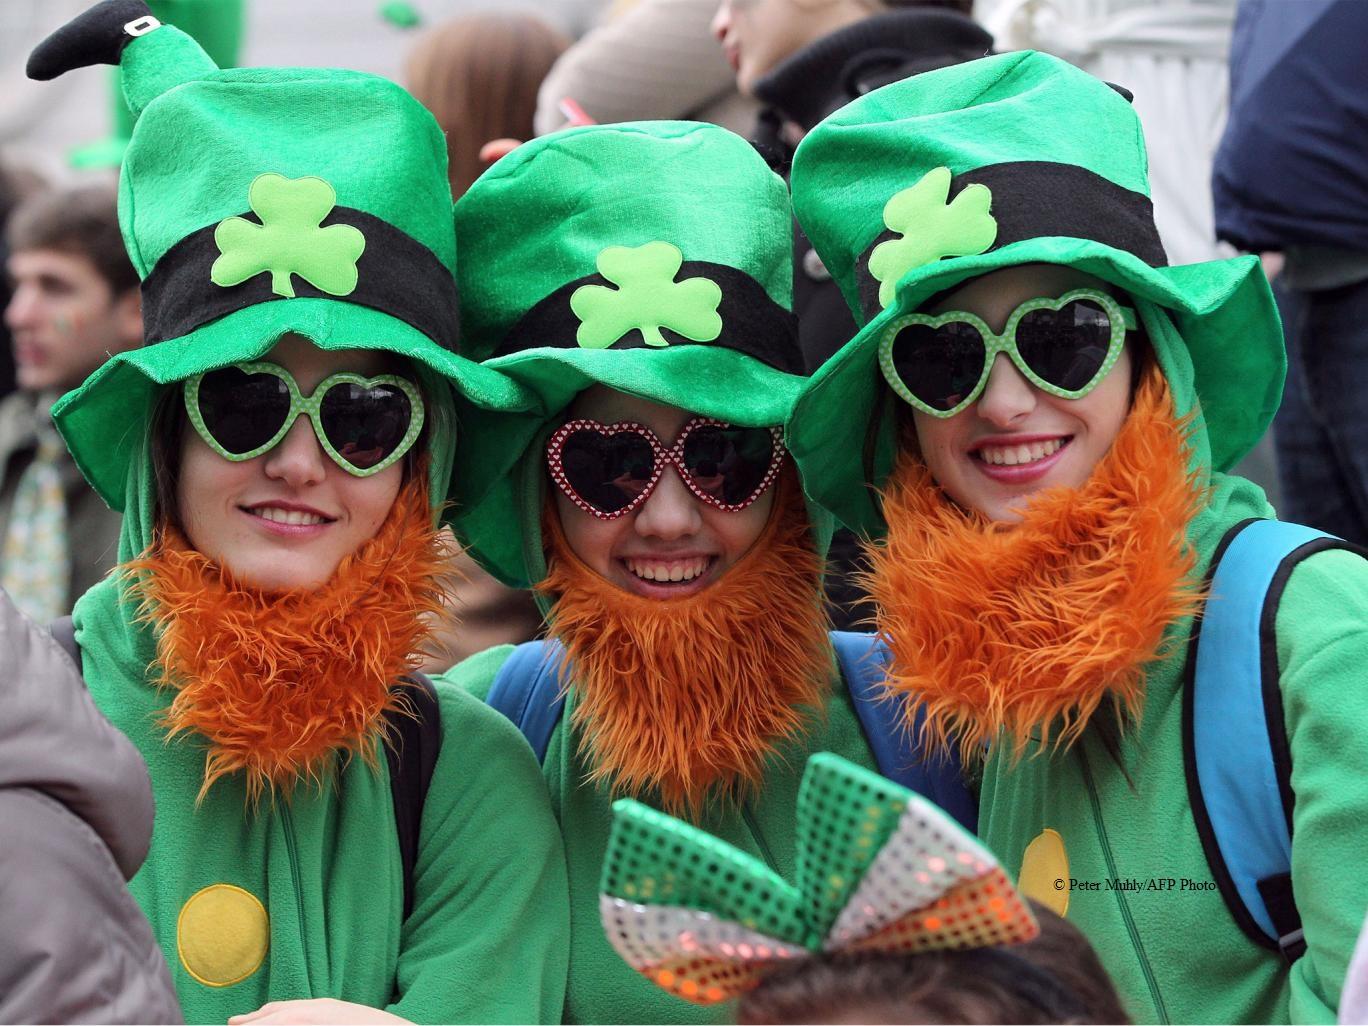 Happy St. Patrick's Day – ein irischer Feiertag erobert die Welt!